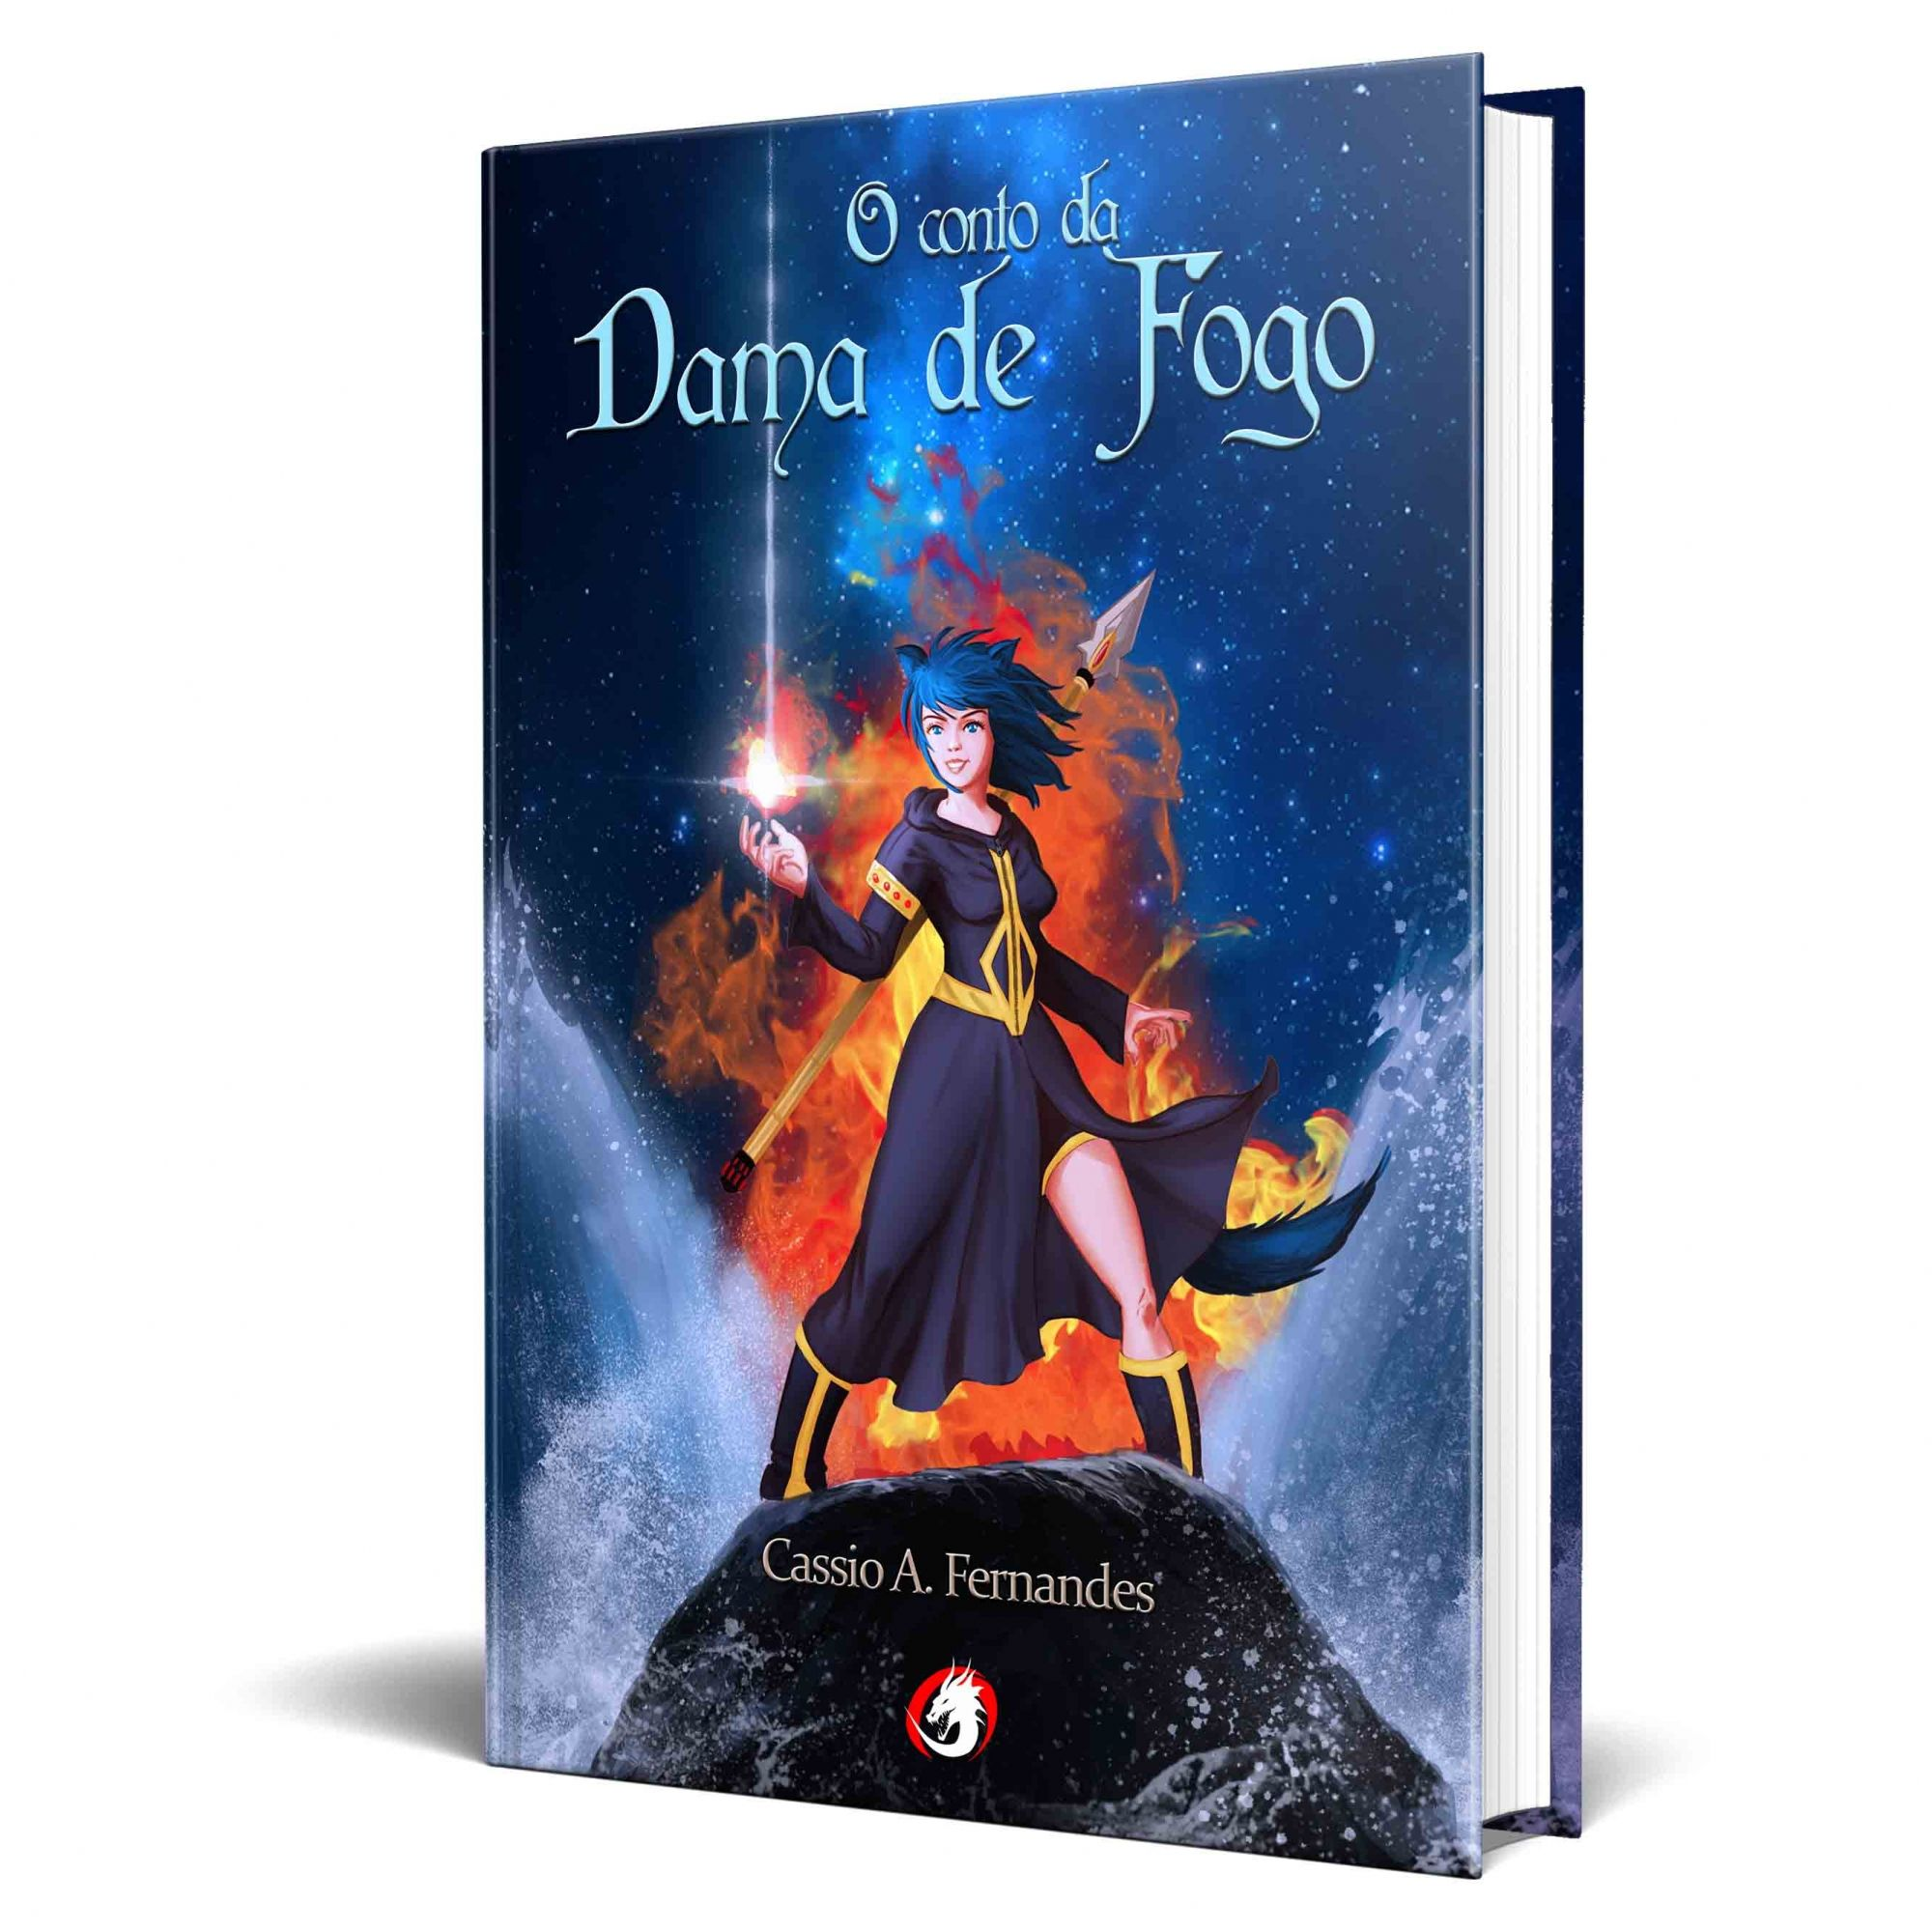 *** 8 Livros de Fantasia Juvenil COM FRETE GRÁTIS  ***